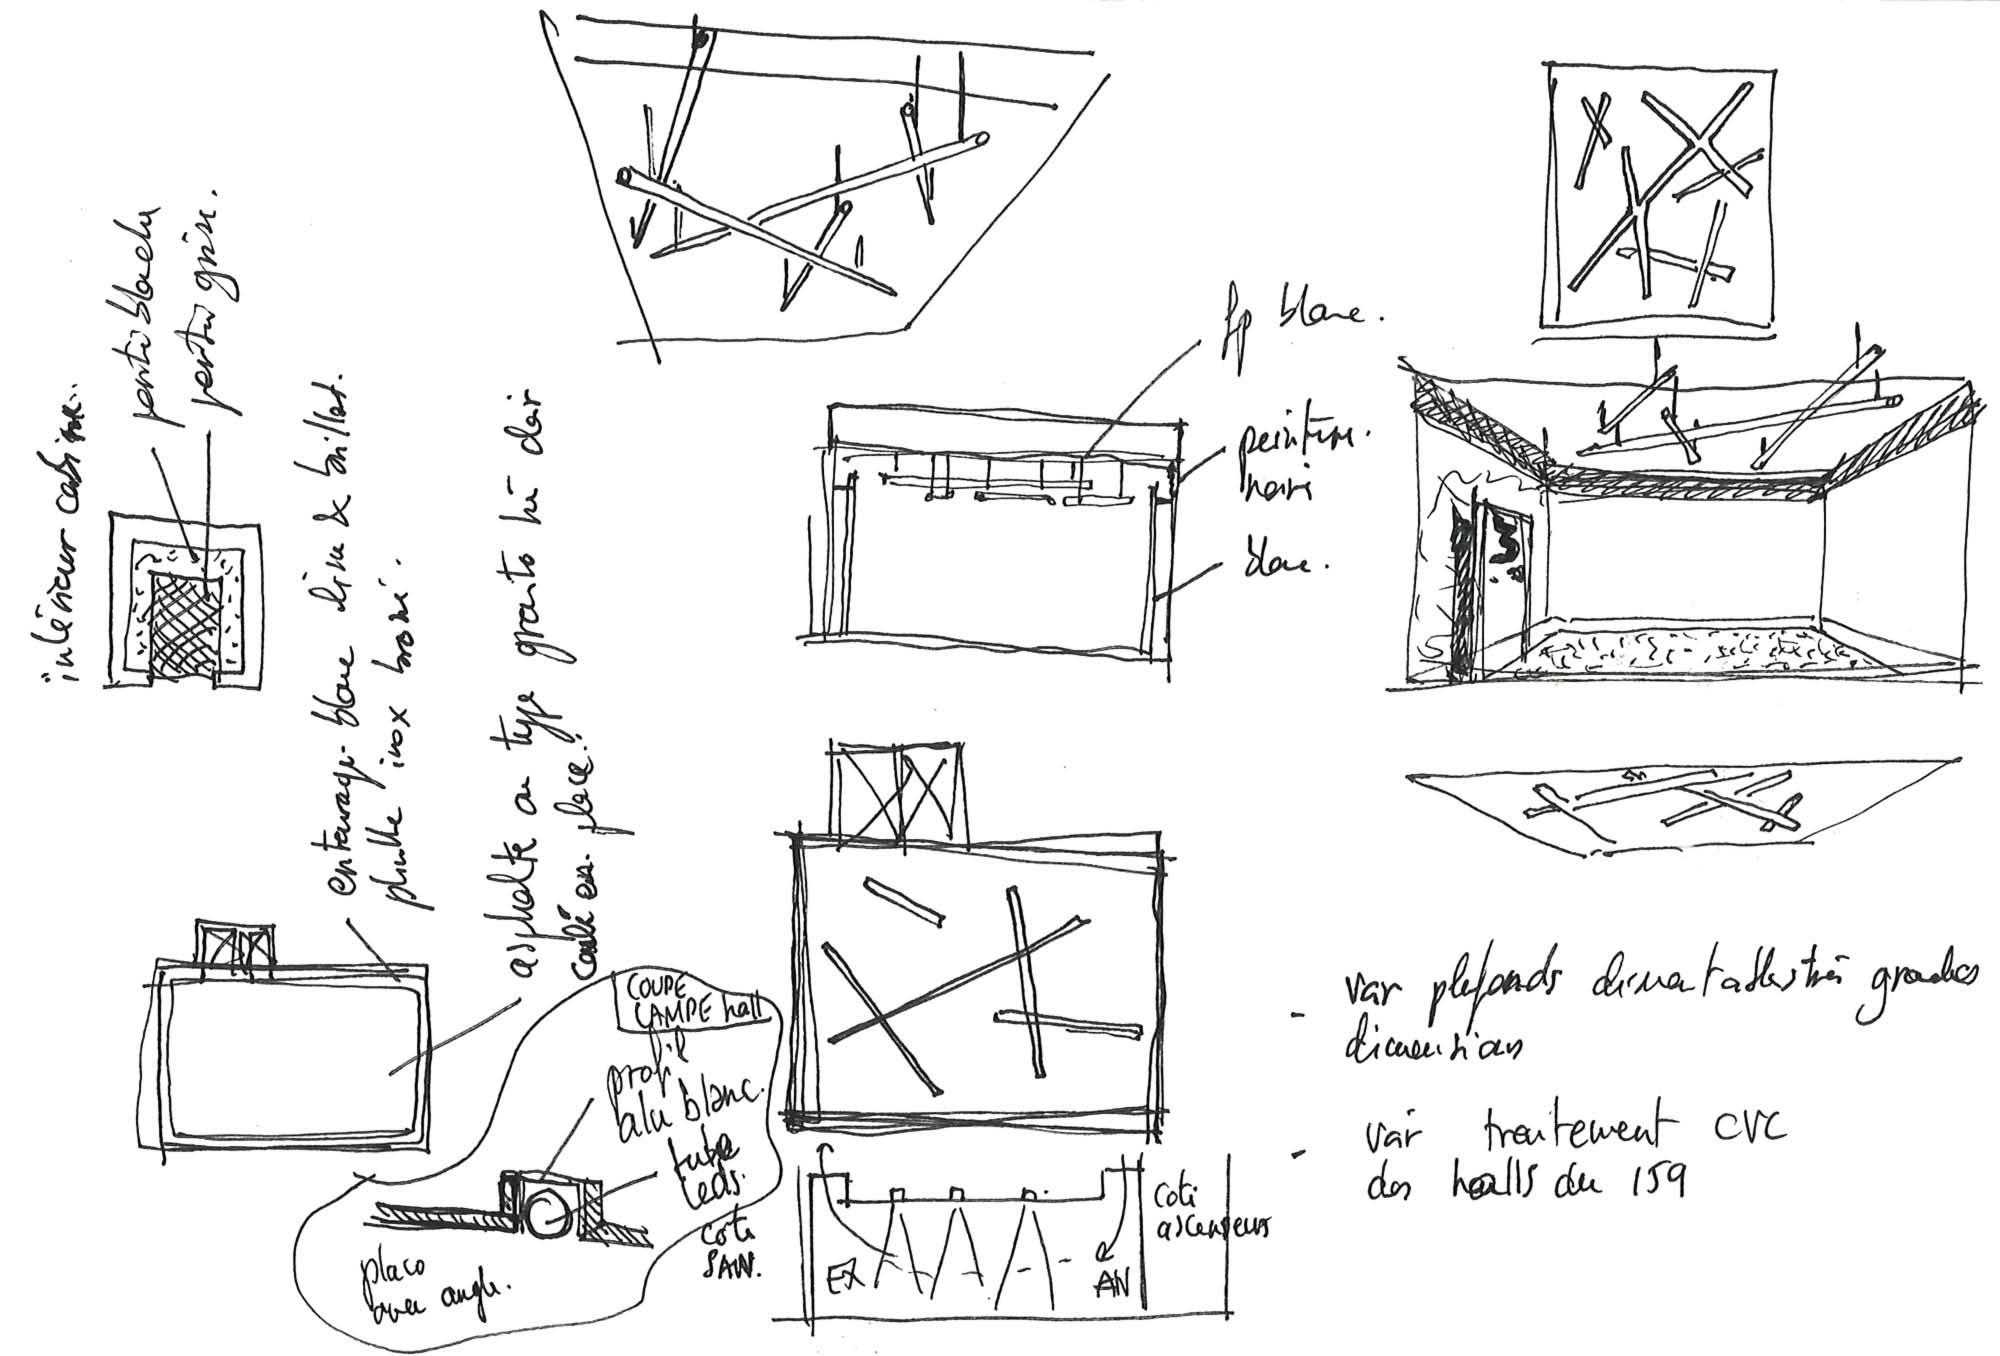 Raf Listowski Atelier d'Architecture création bureaux réhabilitation transformation nouveau siège social Carac Thétis felix potin Neuilly croquis esquisse dessin